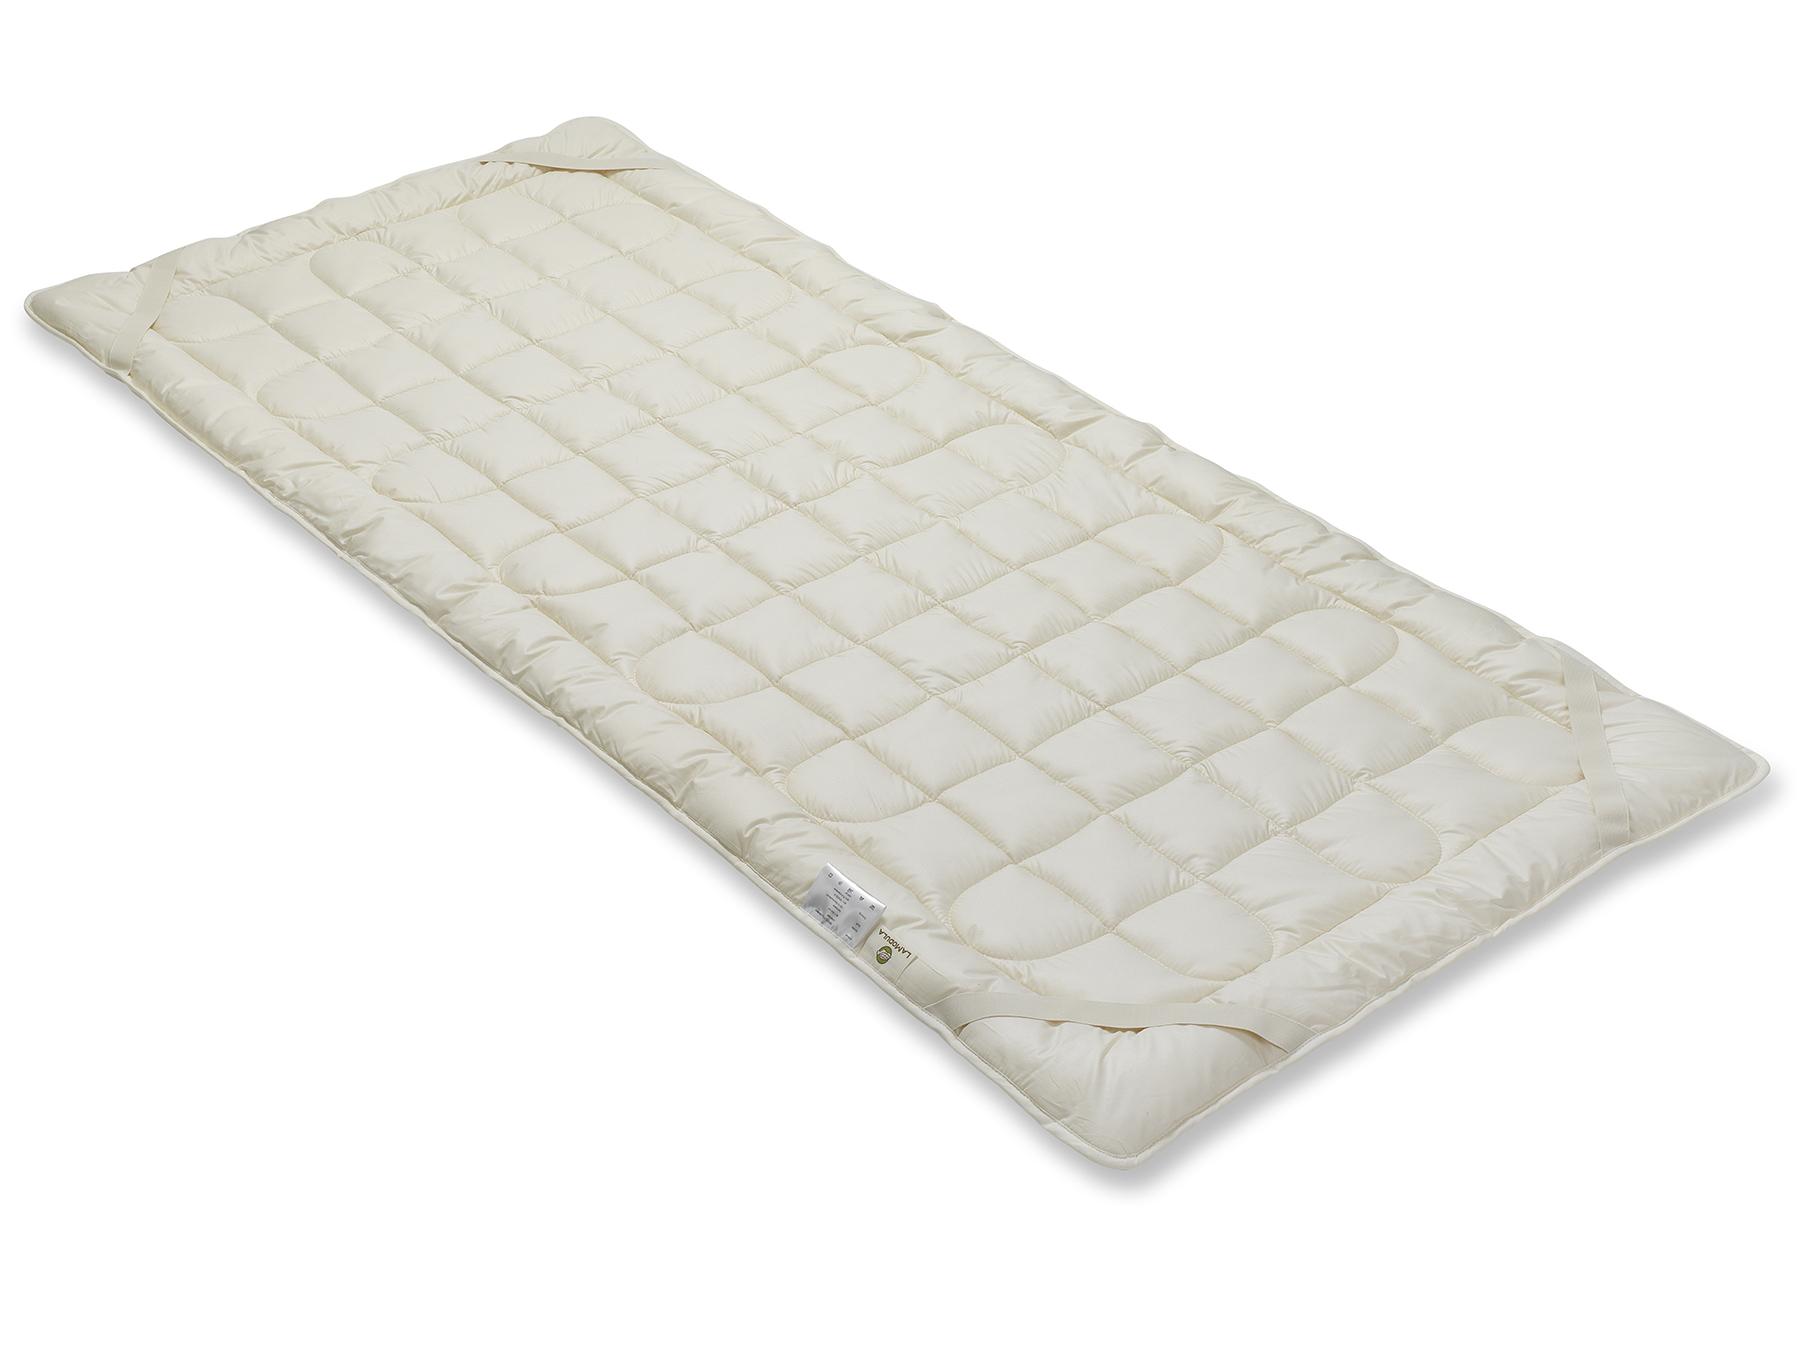 Vier praktische Schräggummibänder machen das Befestigen an der Matratze leicht.